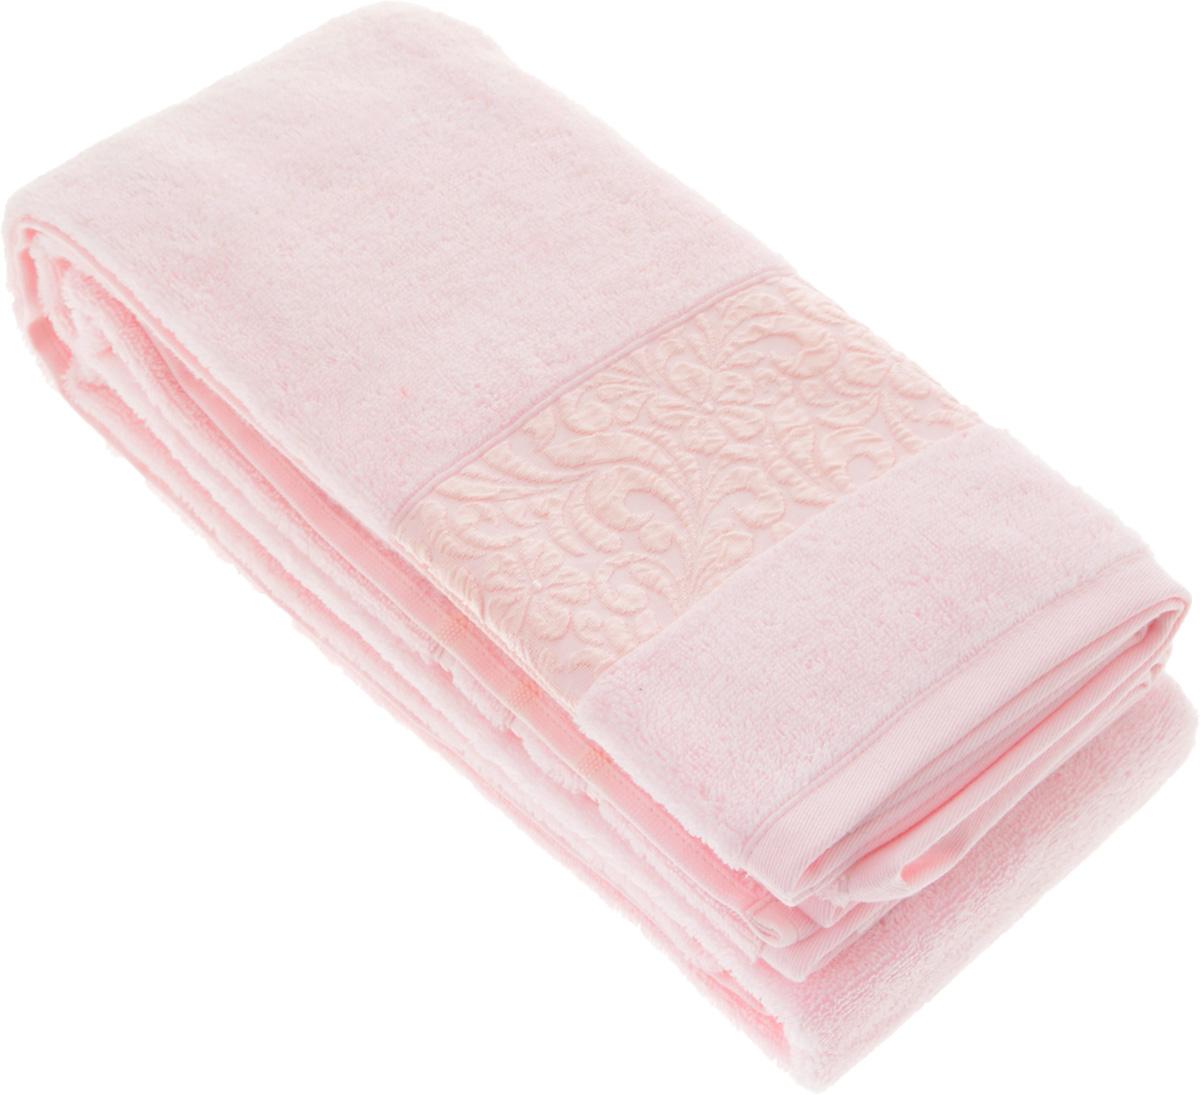 Полотенце бамбуковое Issimo Home Valencia, цвет: светло-розовый, 90 x 150 см4782Полотенце Issimo Home Valencia выполнено из 60% бамбукового волокна и 40% хлопка. Таким полотенцем не нужно вытираться - только коснитесь кожи - и ткань сама все впитает. Такая ткань впитывает в 3 раза лучше, чем хлопок. Несмотря на высокую плотность, полотенце быстро сохнет, остается легкими даже при намокании. Изделие имеет красивый жаккардовый бордюр, оформленный цветочным орнаментом. Благородные, классические тона создадут уют и подчеркнут лучшие качества махровой ткани, а сочные, яркие, летние оттенки создадут ощущение праздника и наполнят дом энергией. Красивая, стильная упаковка этого полотенца делает его уже готовым подарком к любому случаю.